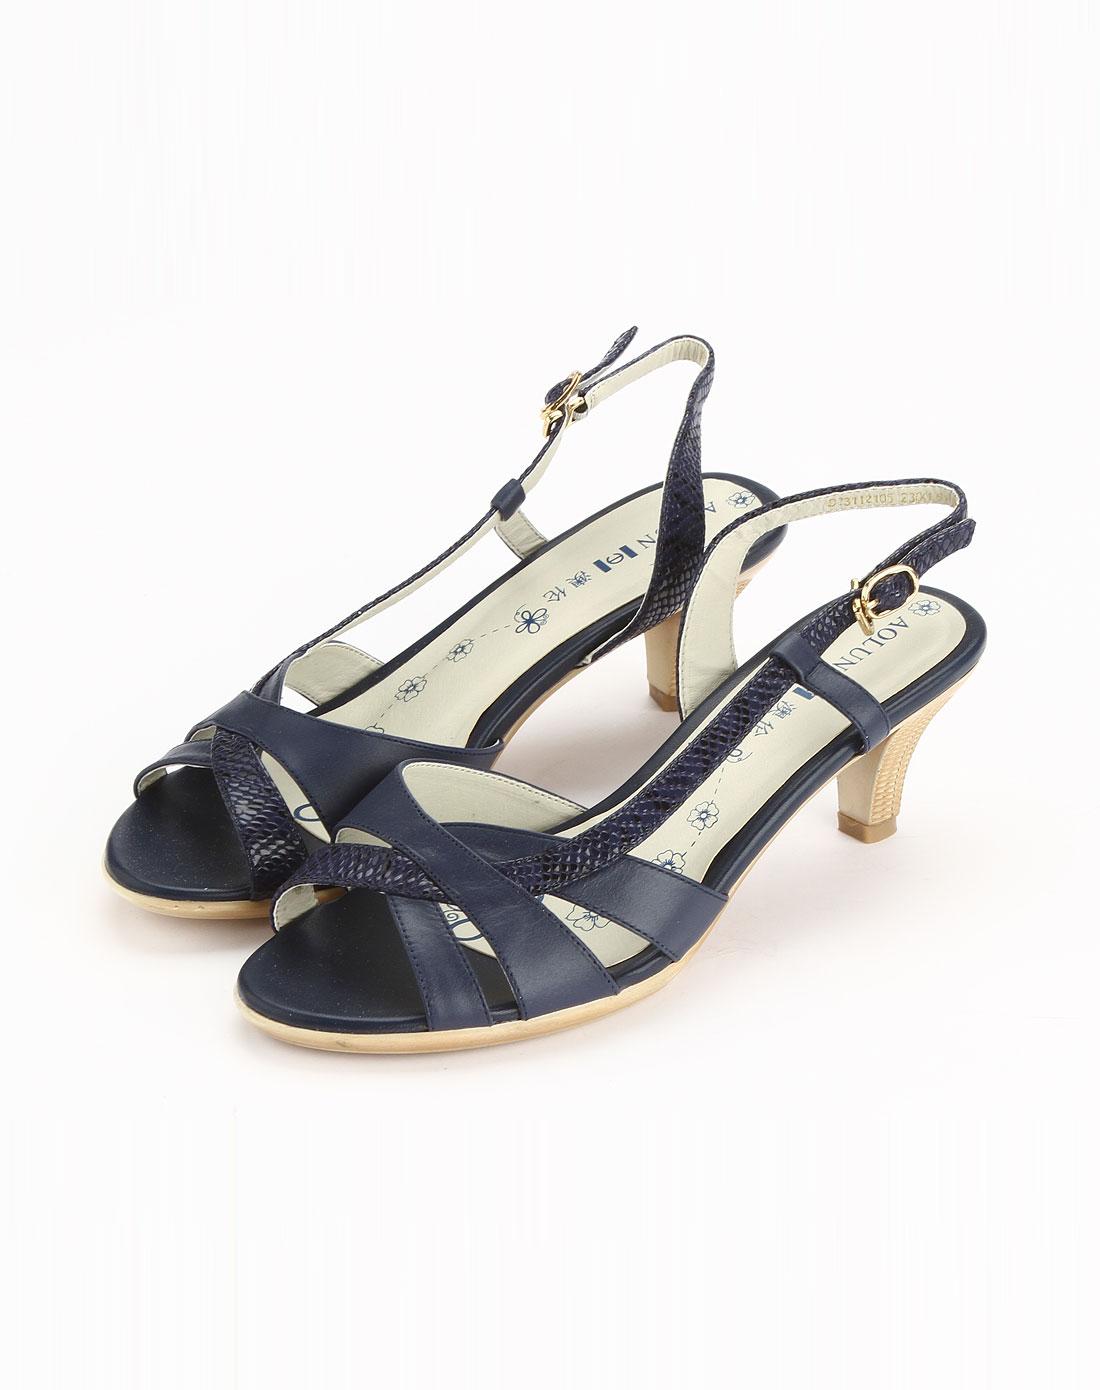 澳伦aolun蓝色时尚简约凉鞋d2311210505